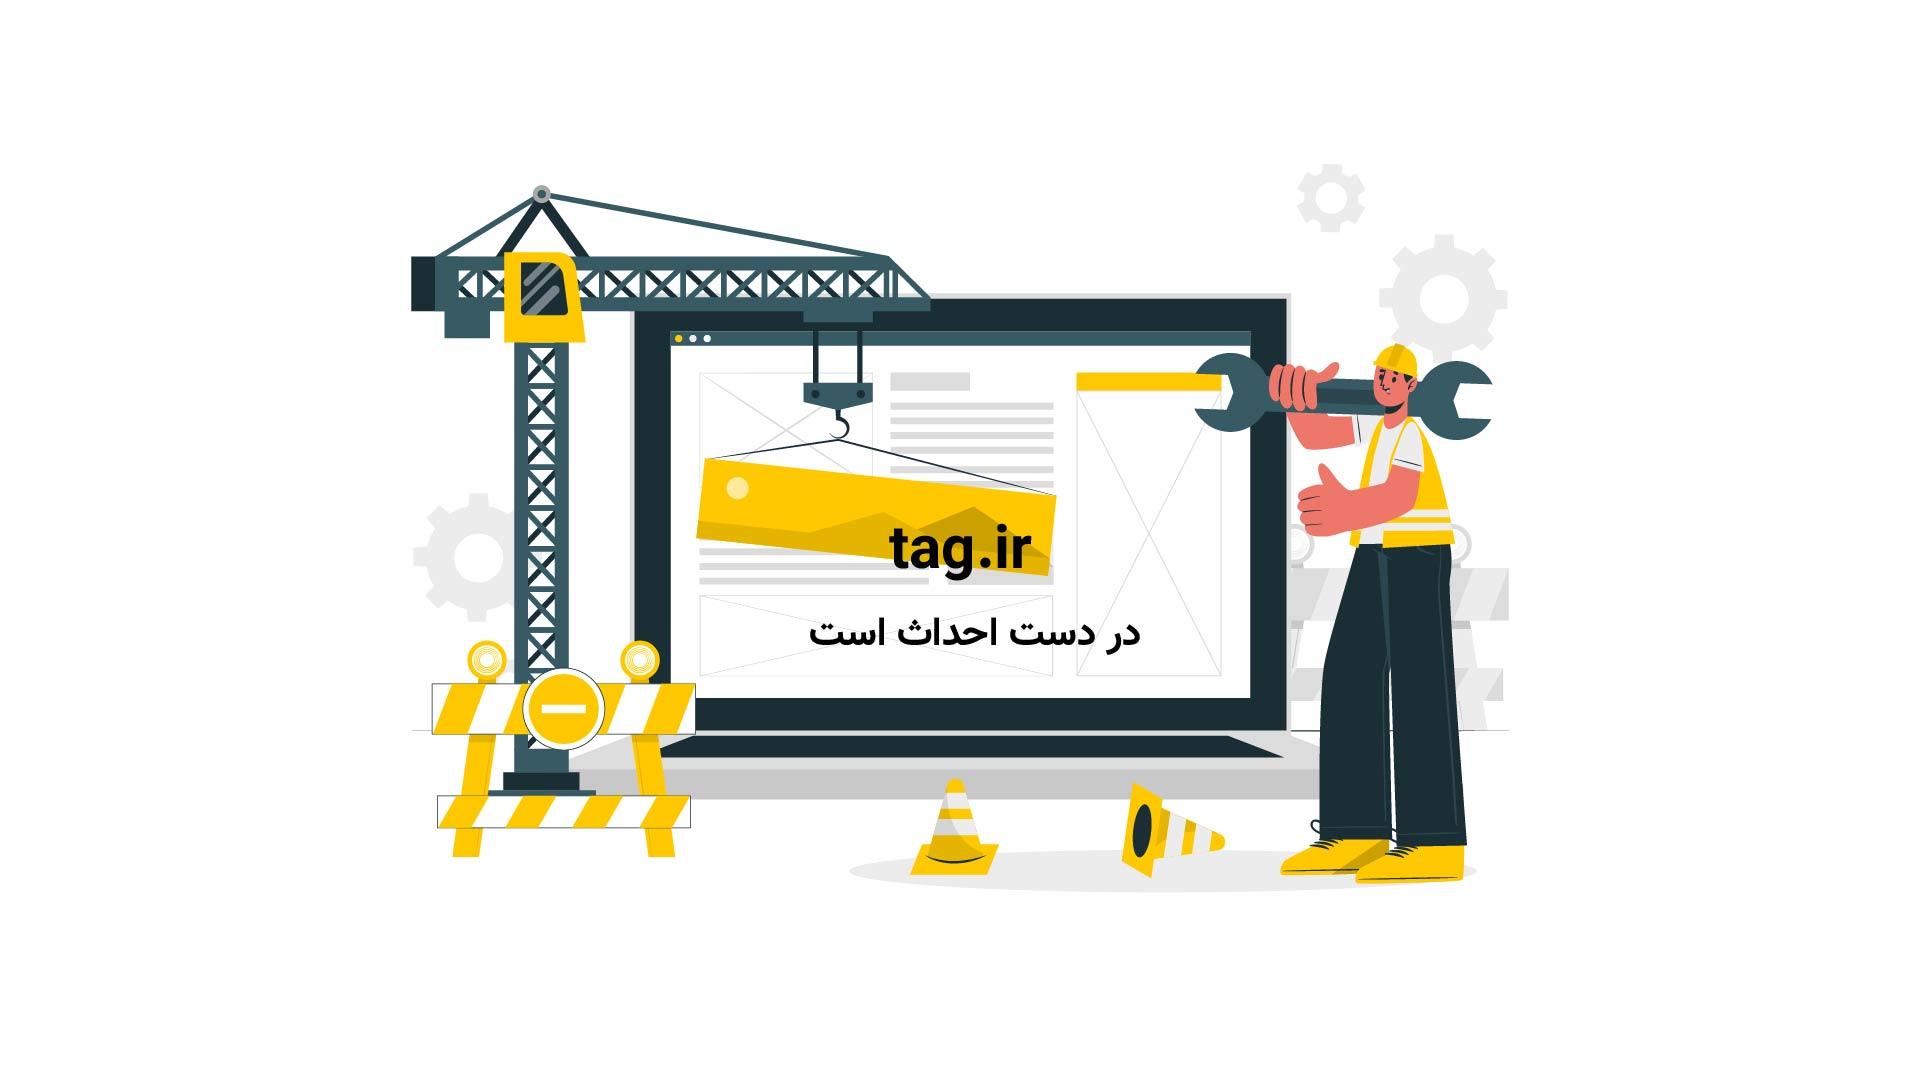 نماهنگ زیبا ویژه شهادت حضرت زهرا (س) | فیلم